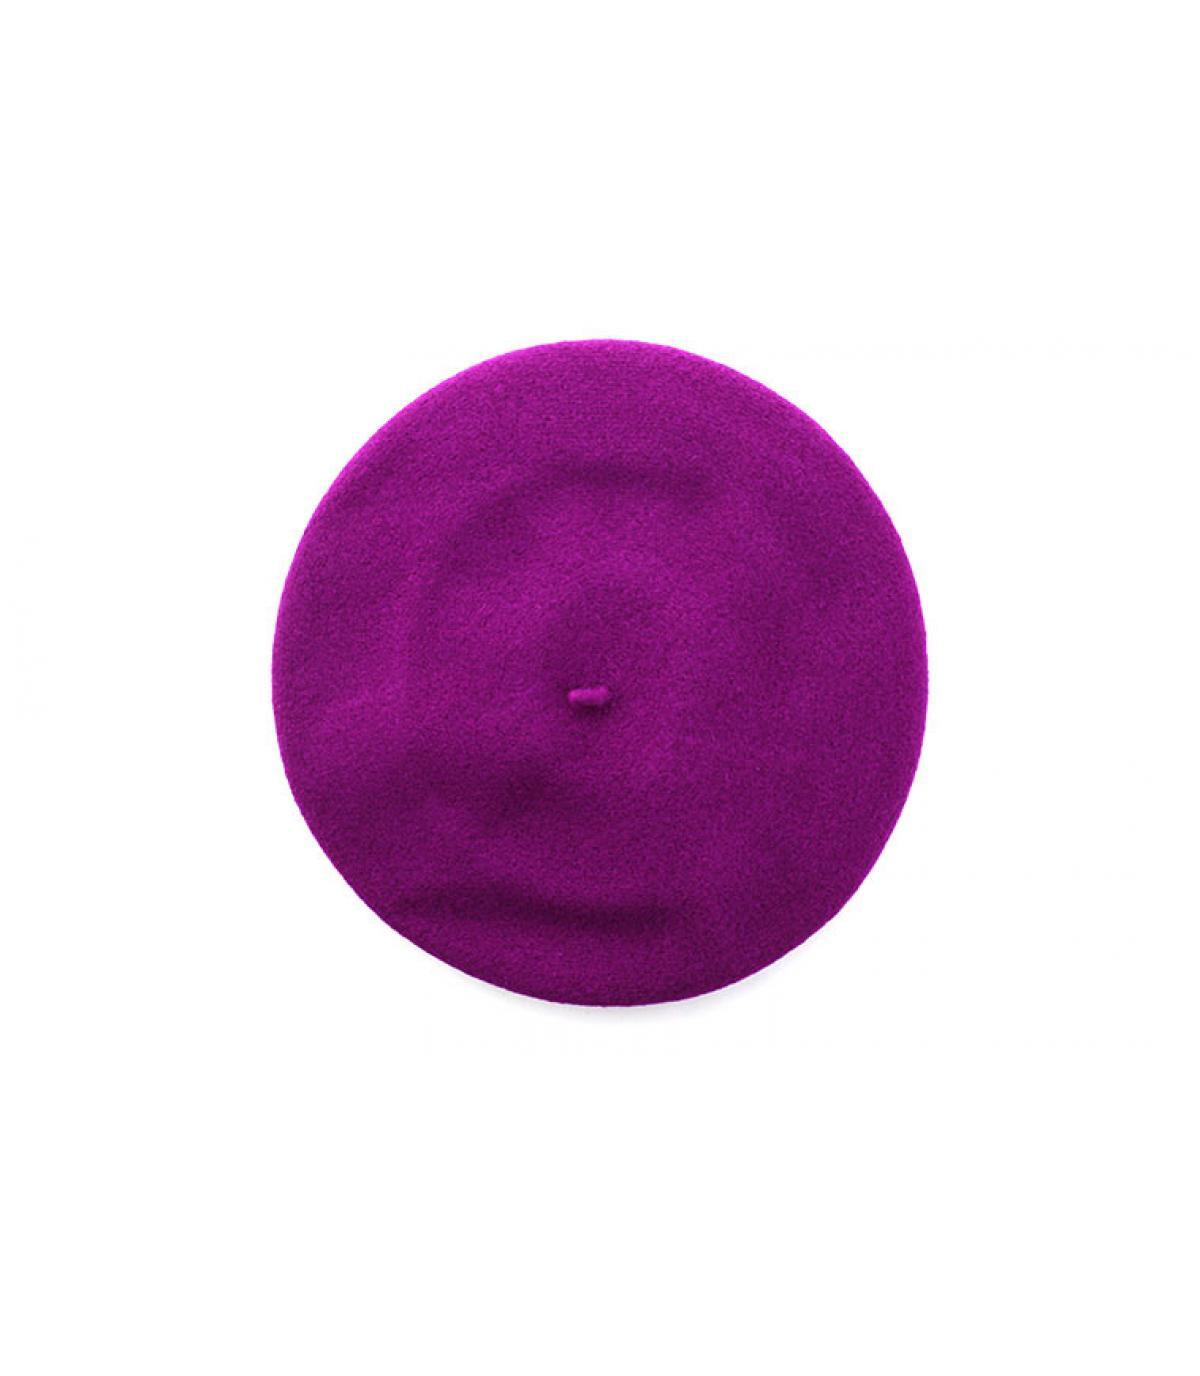 Details Parisienne violet - Abbildung 2